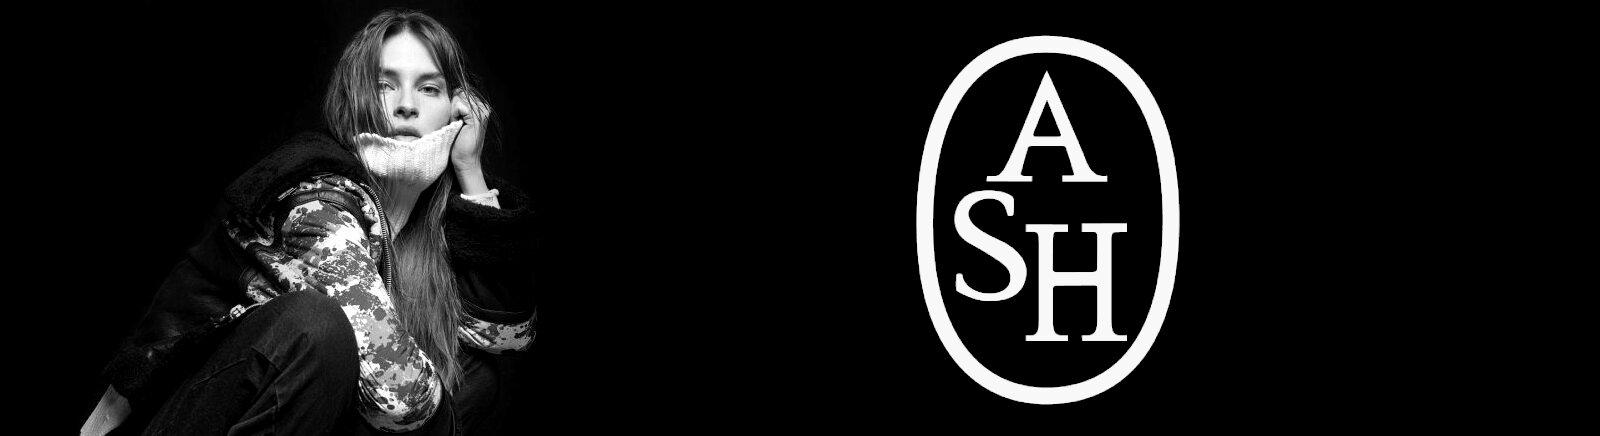 ASH Herrenschuhe online entdecken im Juppen Schuhe Shop